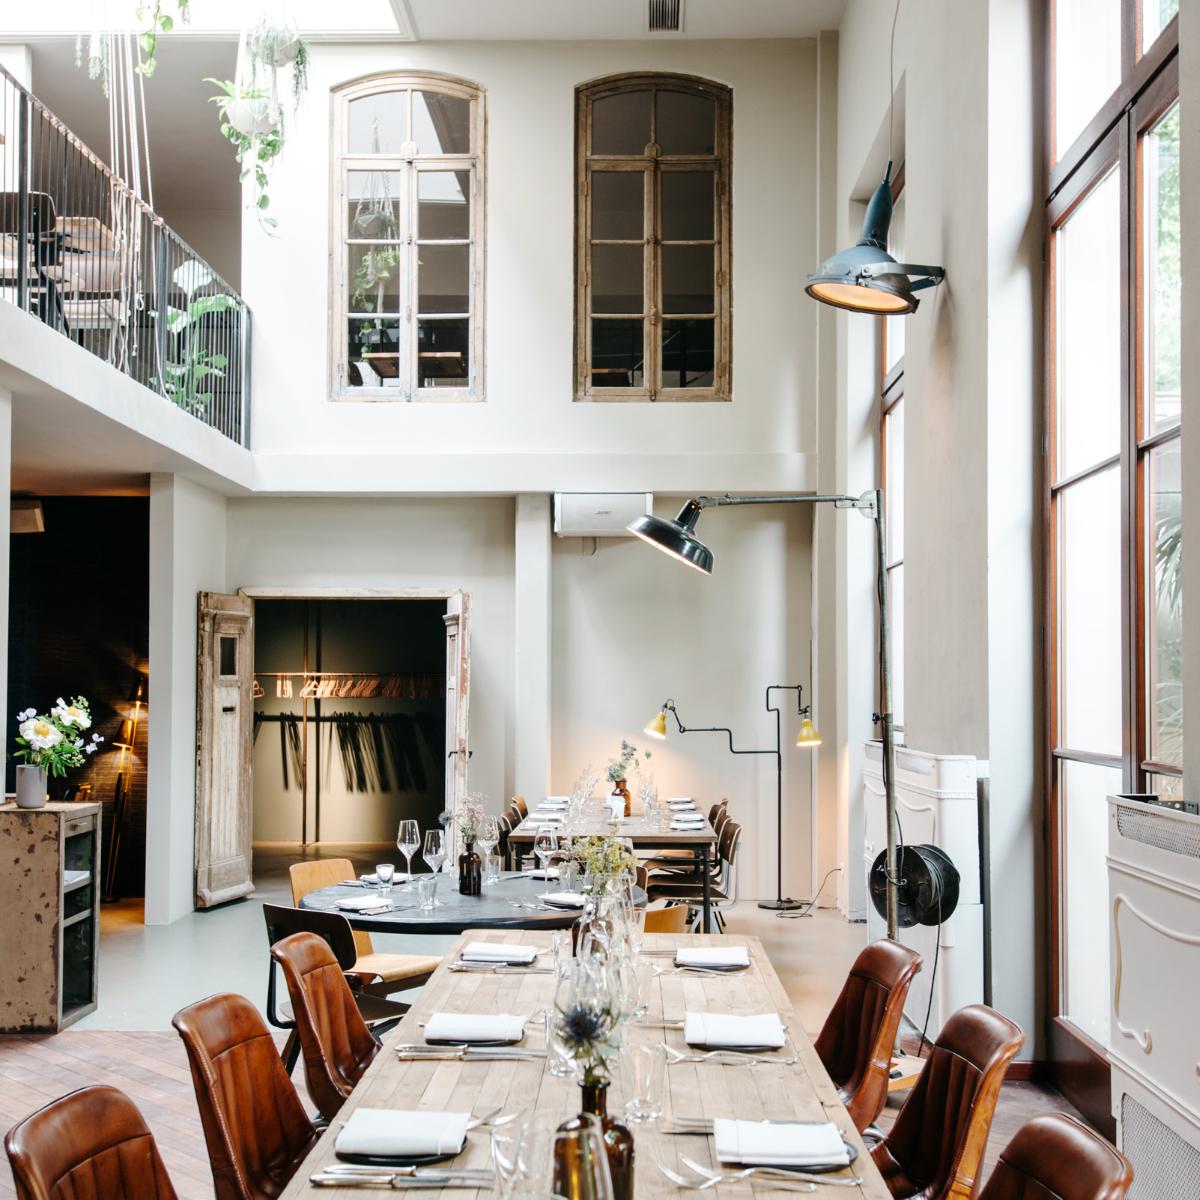 Kink Bar & Restaurant by Lee Edwards  (11)